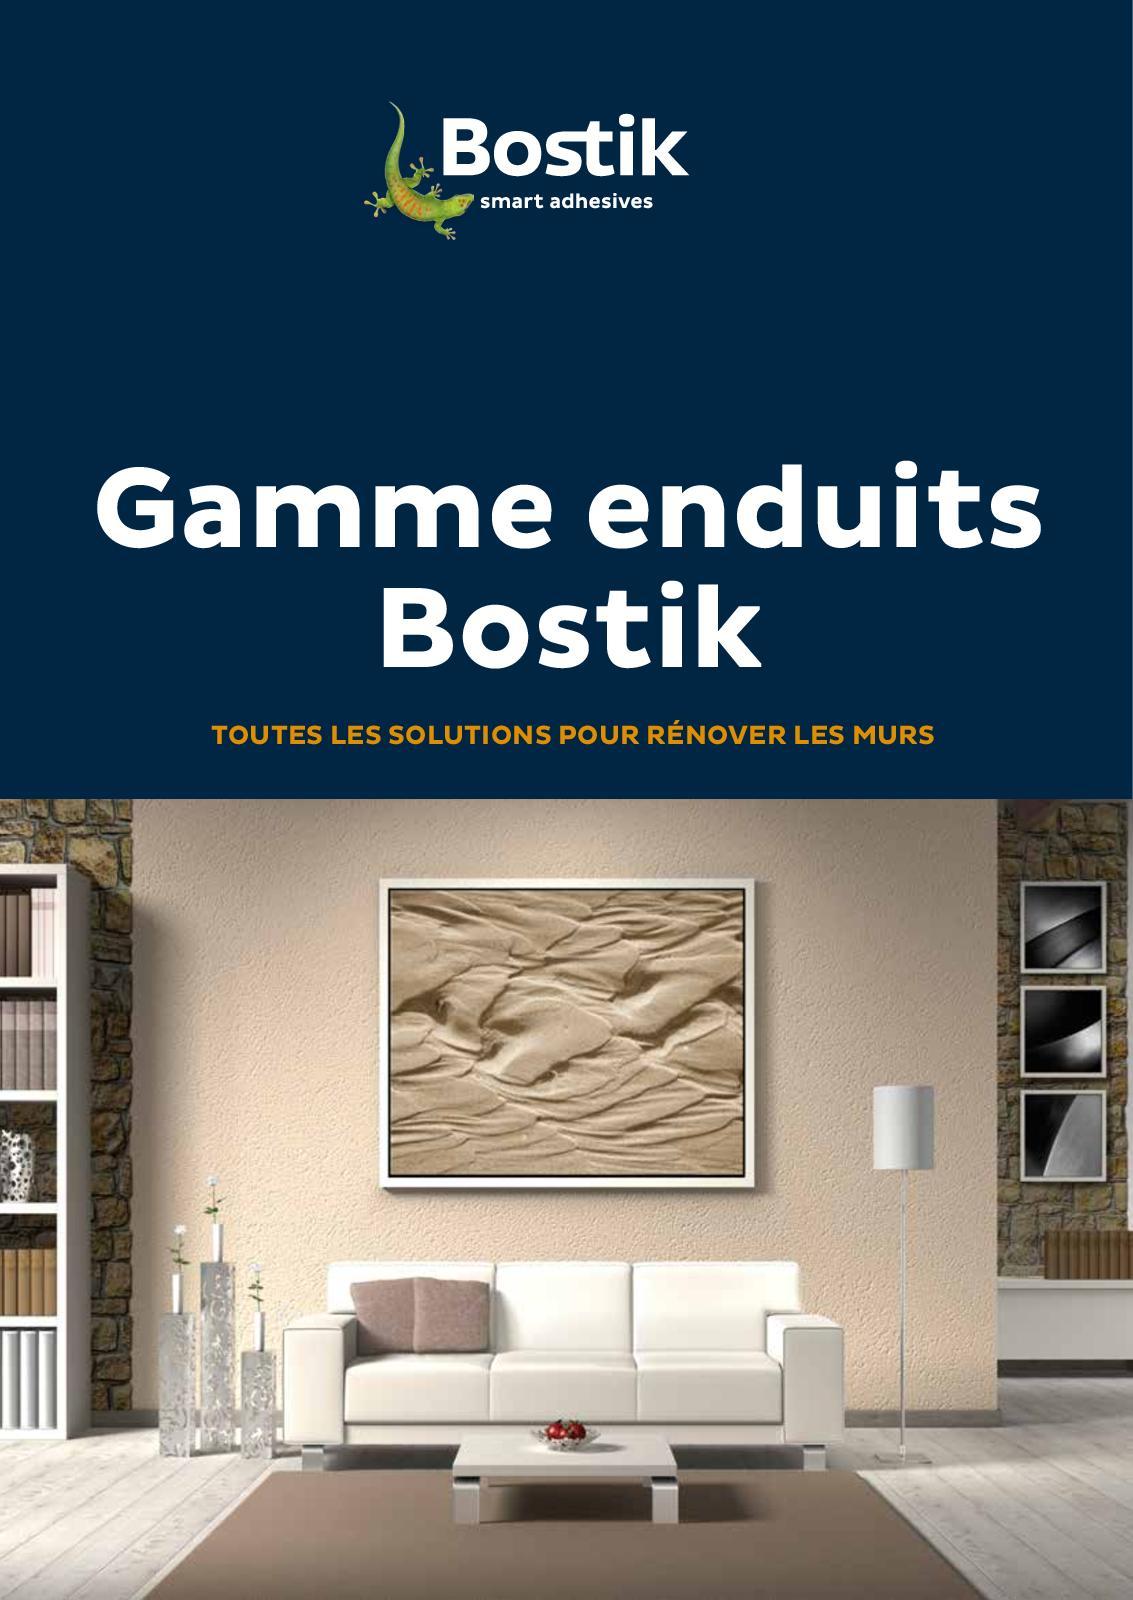 Enduit Souple Pour Bois calaméo - bostik catalogue enduit